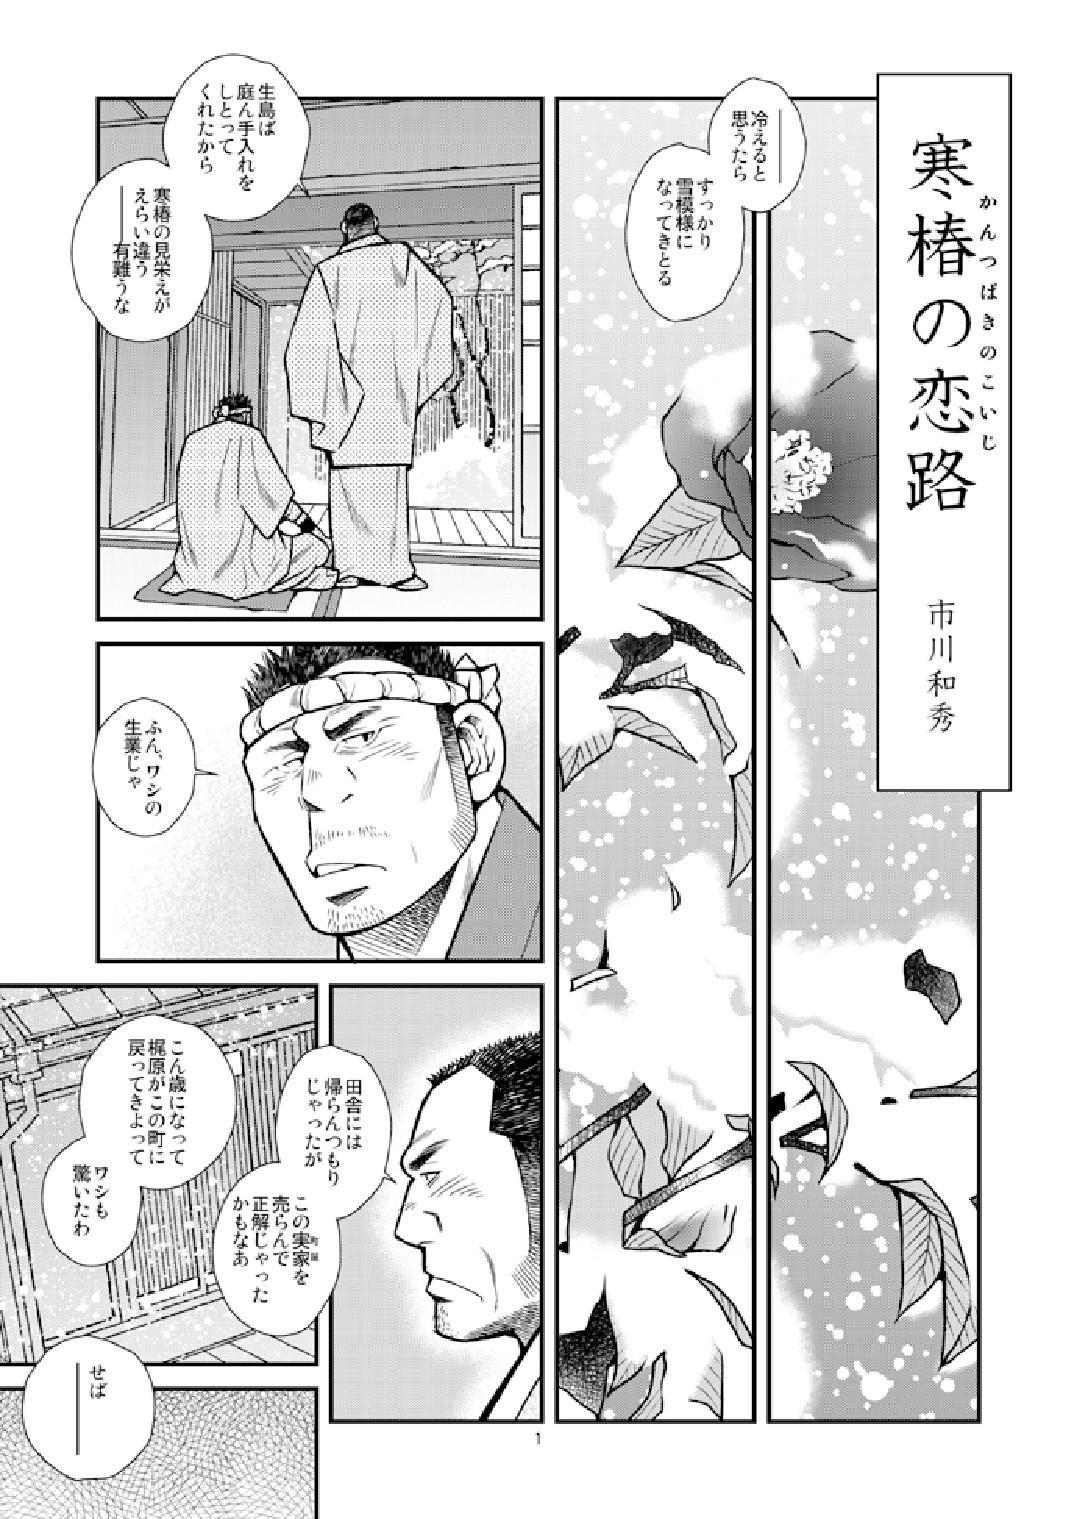 Kantsubaki no Koiji/ Haru no Mizore 2